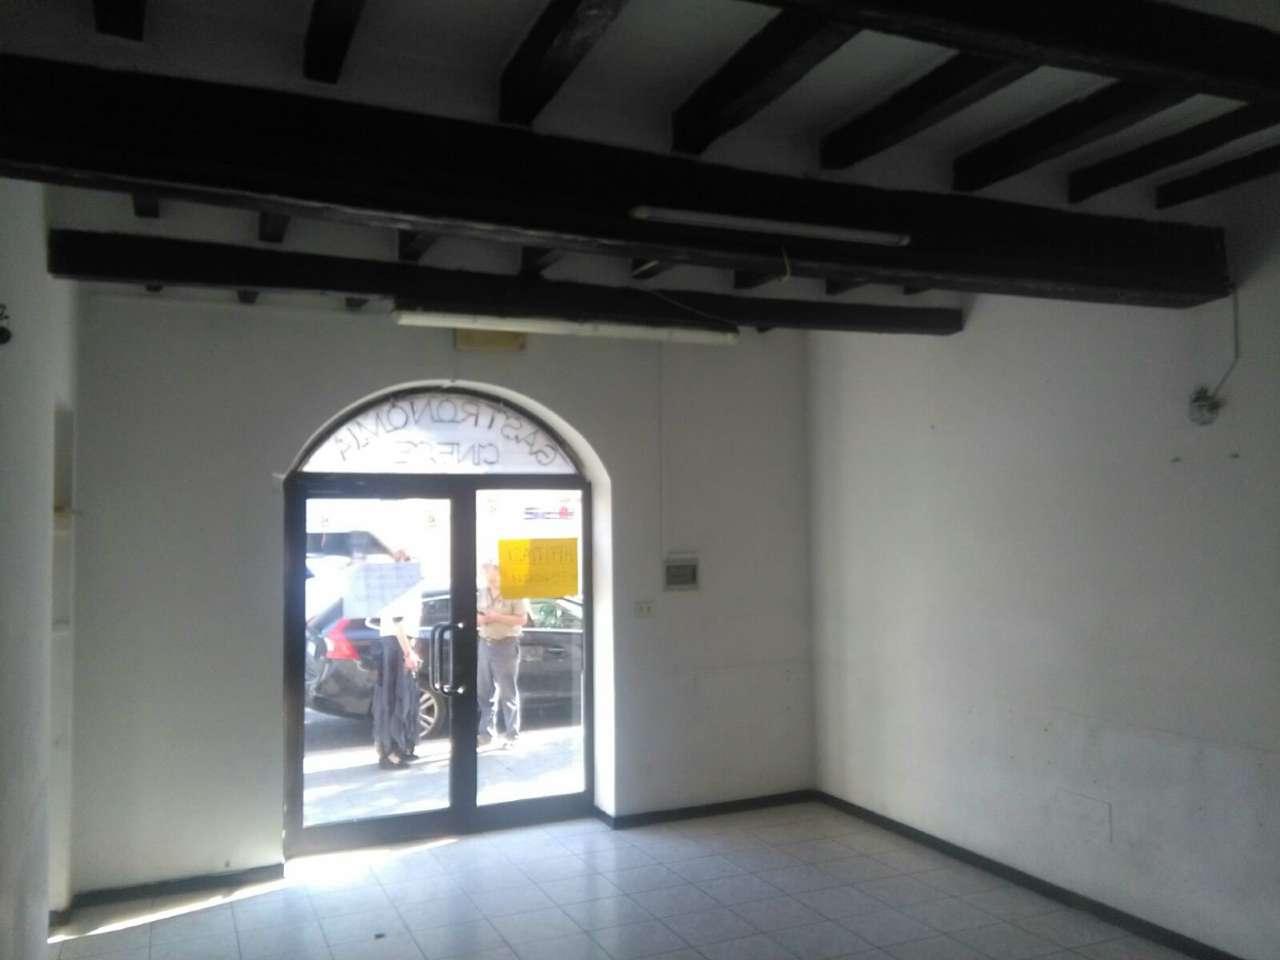 Negozio / Locale in affitto a Piacenza, 2 locali, prezzo € 500 | CambioCasa.it